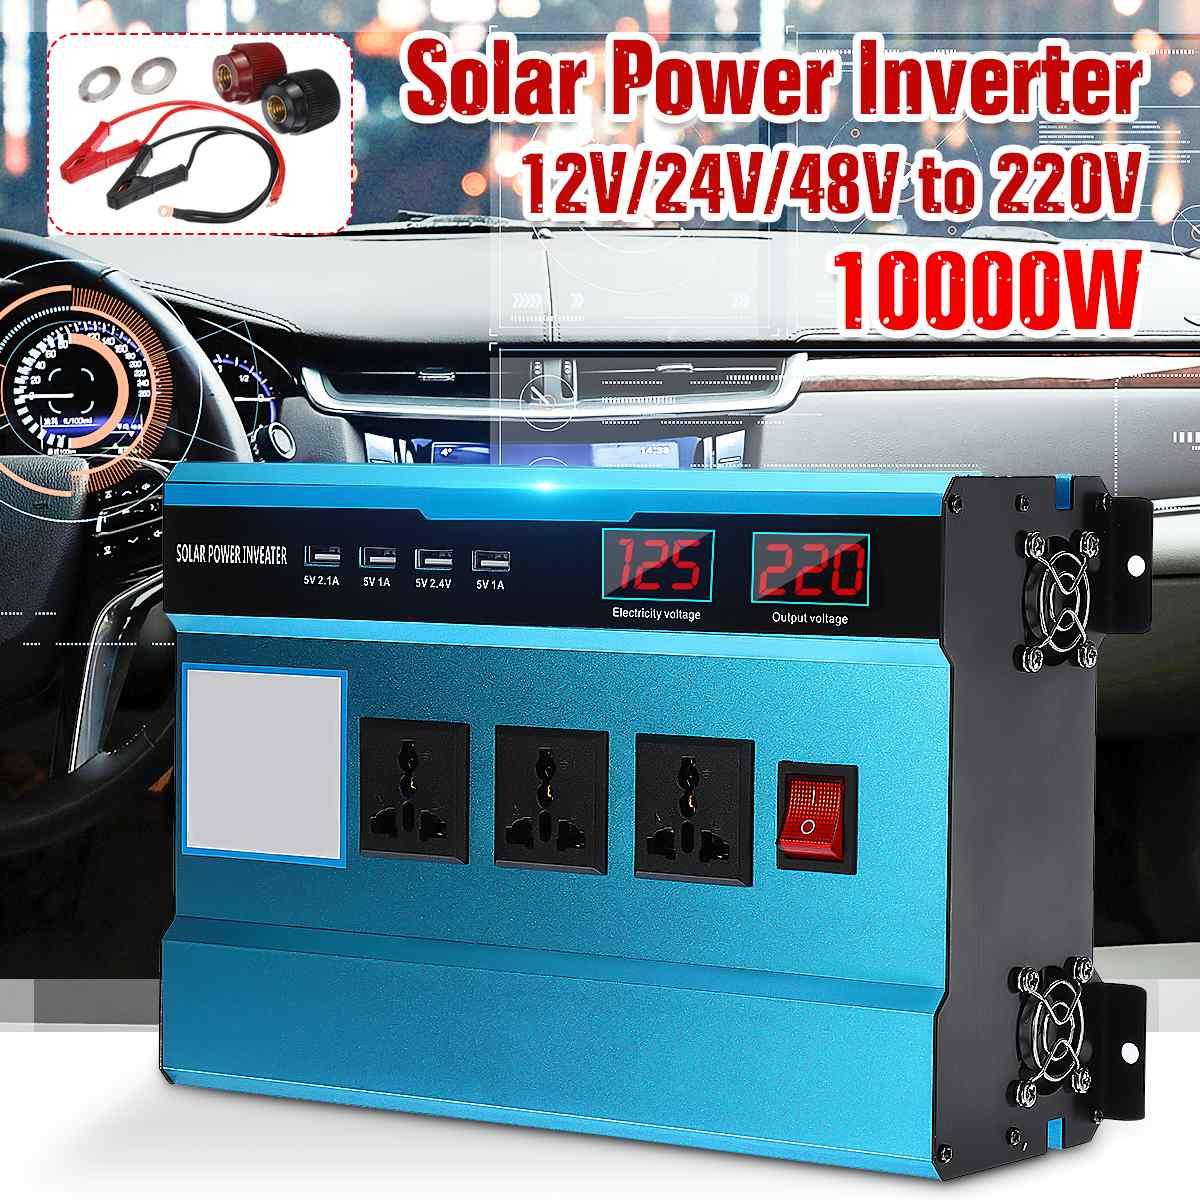 Onduleur solaire de voiture 12V 24V 220V 10000W P eak onduleur à onde sinusoïdale avec ventilateur 3 chargeur convertisseur de transformateur de tension